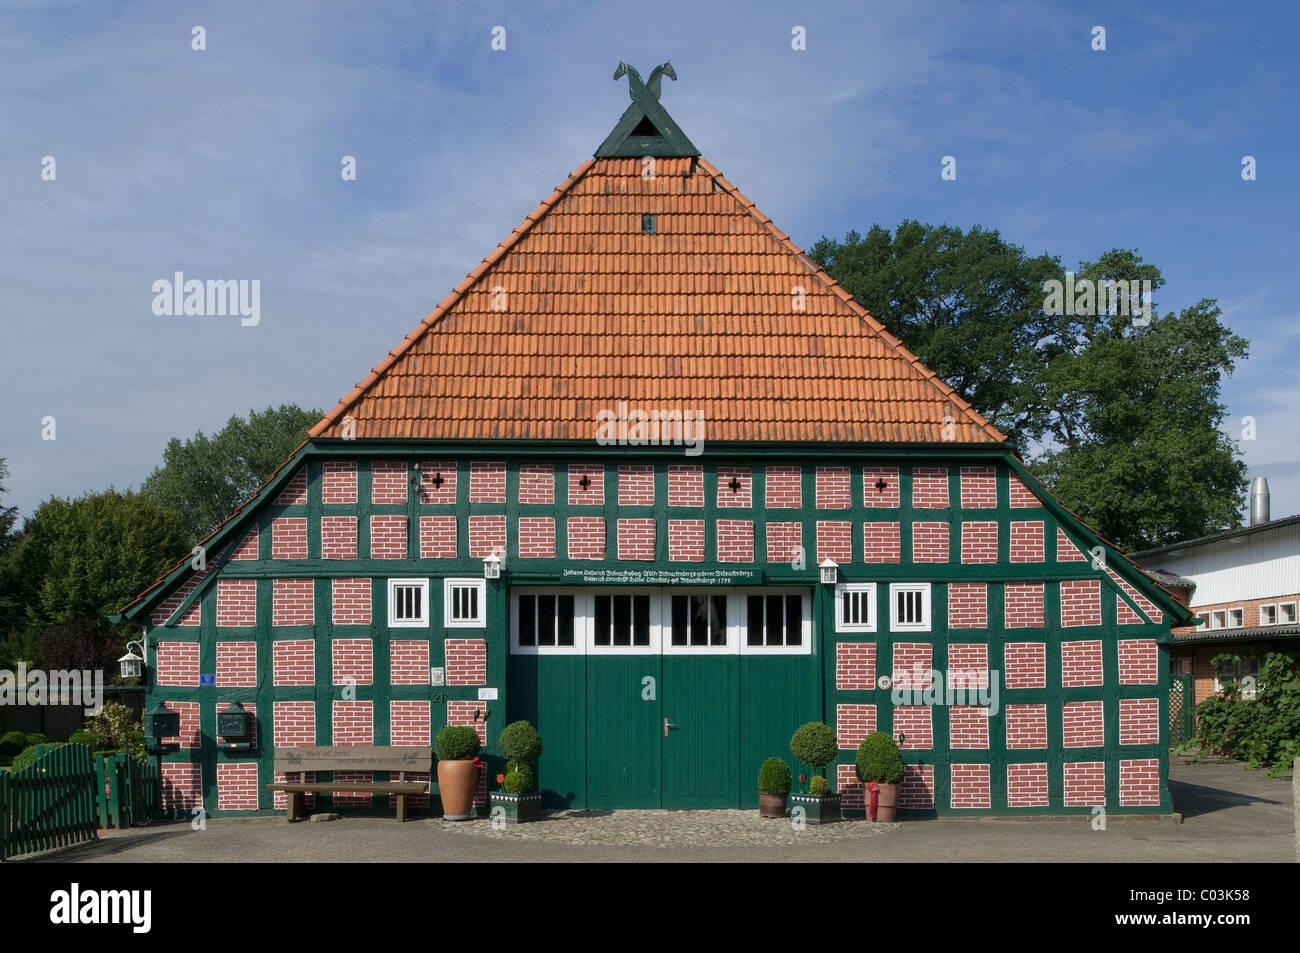 Amtsschreibershof, trace el edificio, construido en 1793 y restaurado edificio de entramado de madera, Wuemme Rothenburg Imagen De Stock